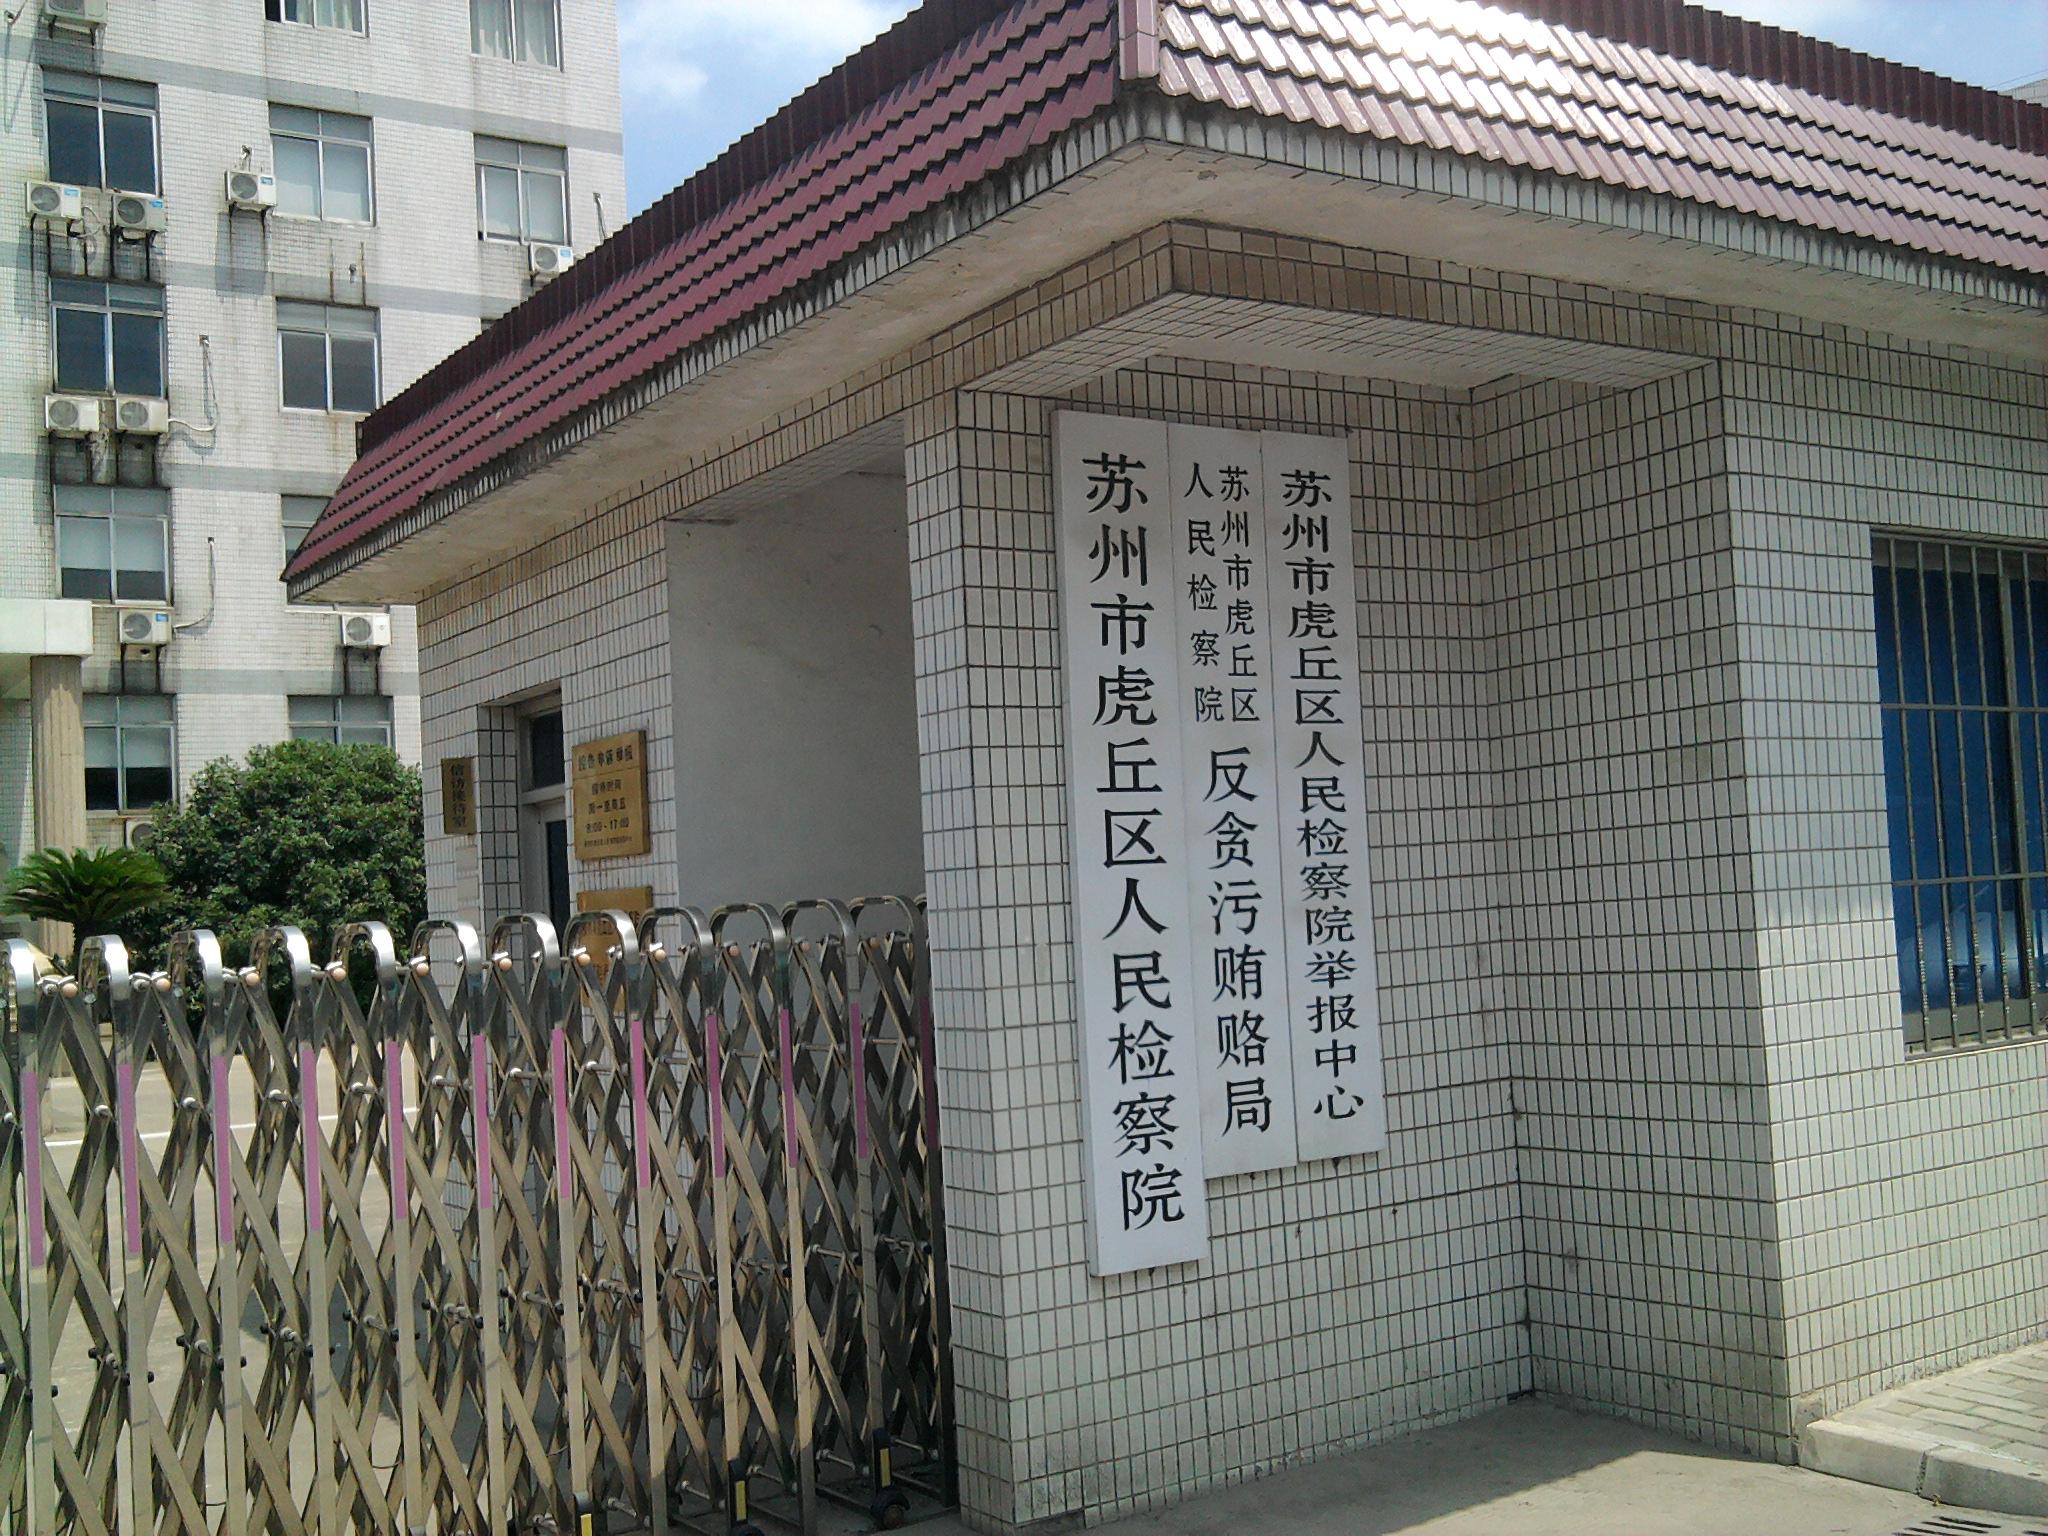 苏州市虎丘区人民检察院